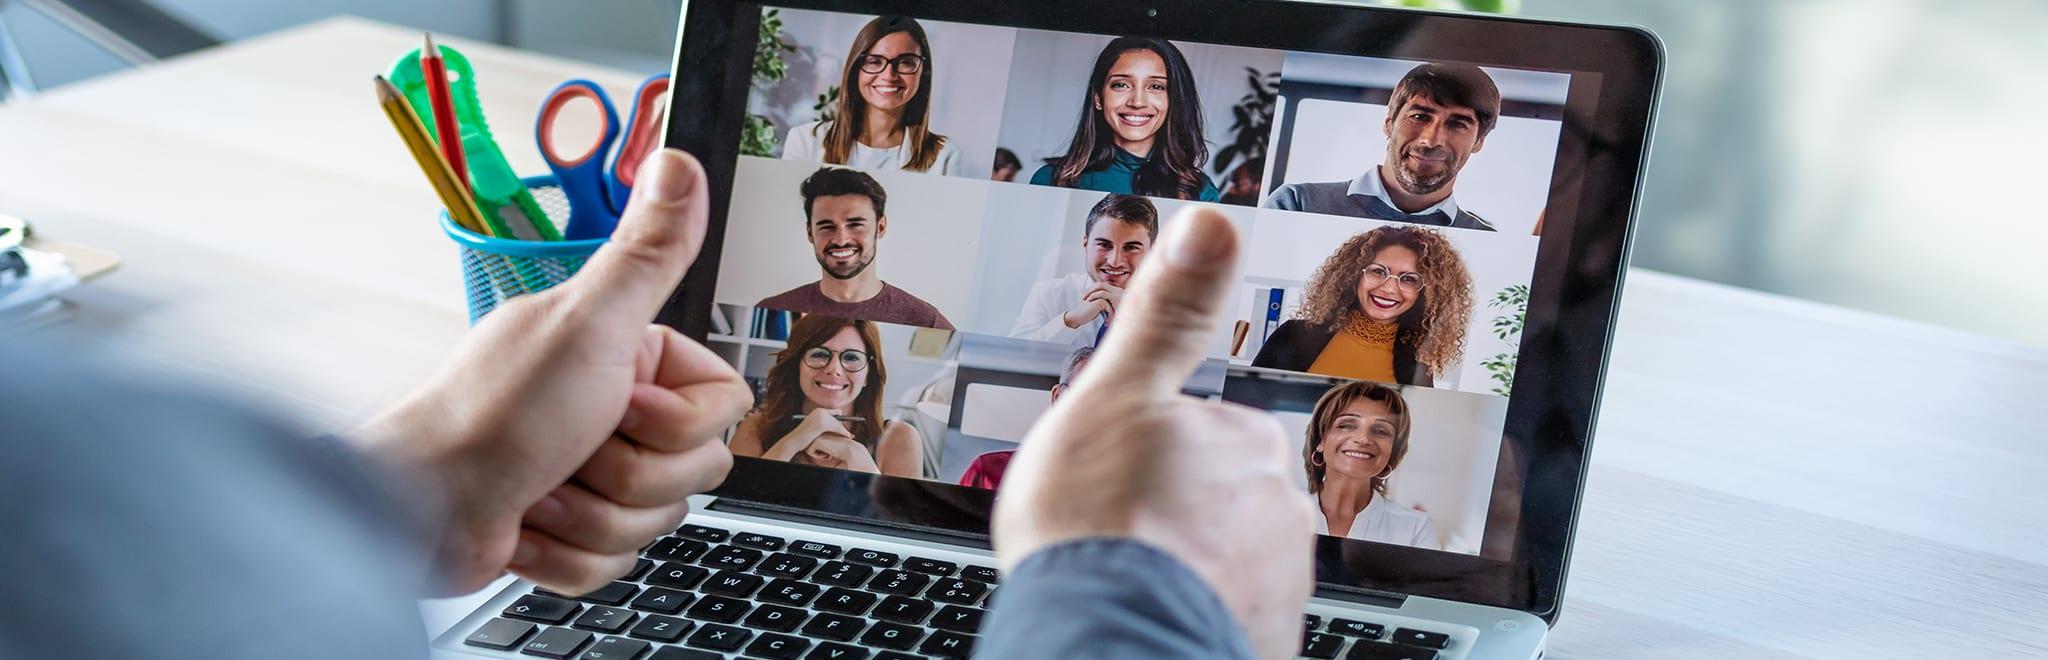 Archiefwaarding werken | Onegov Teamwork | Microsoft Teams